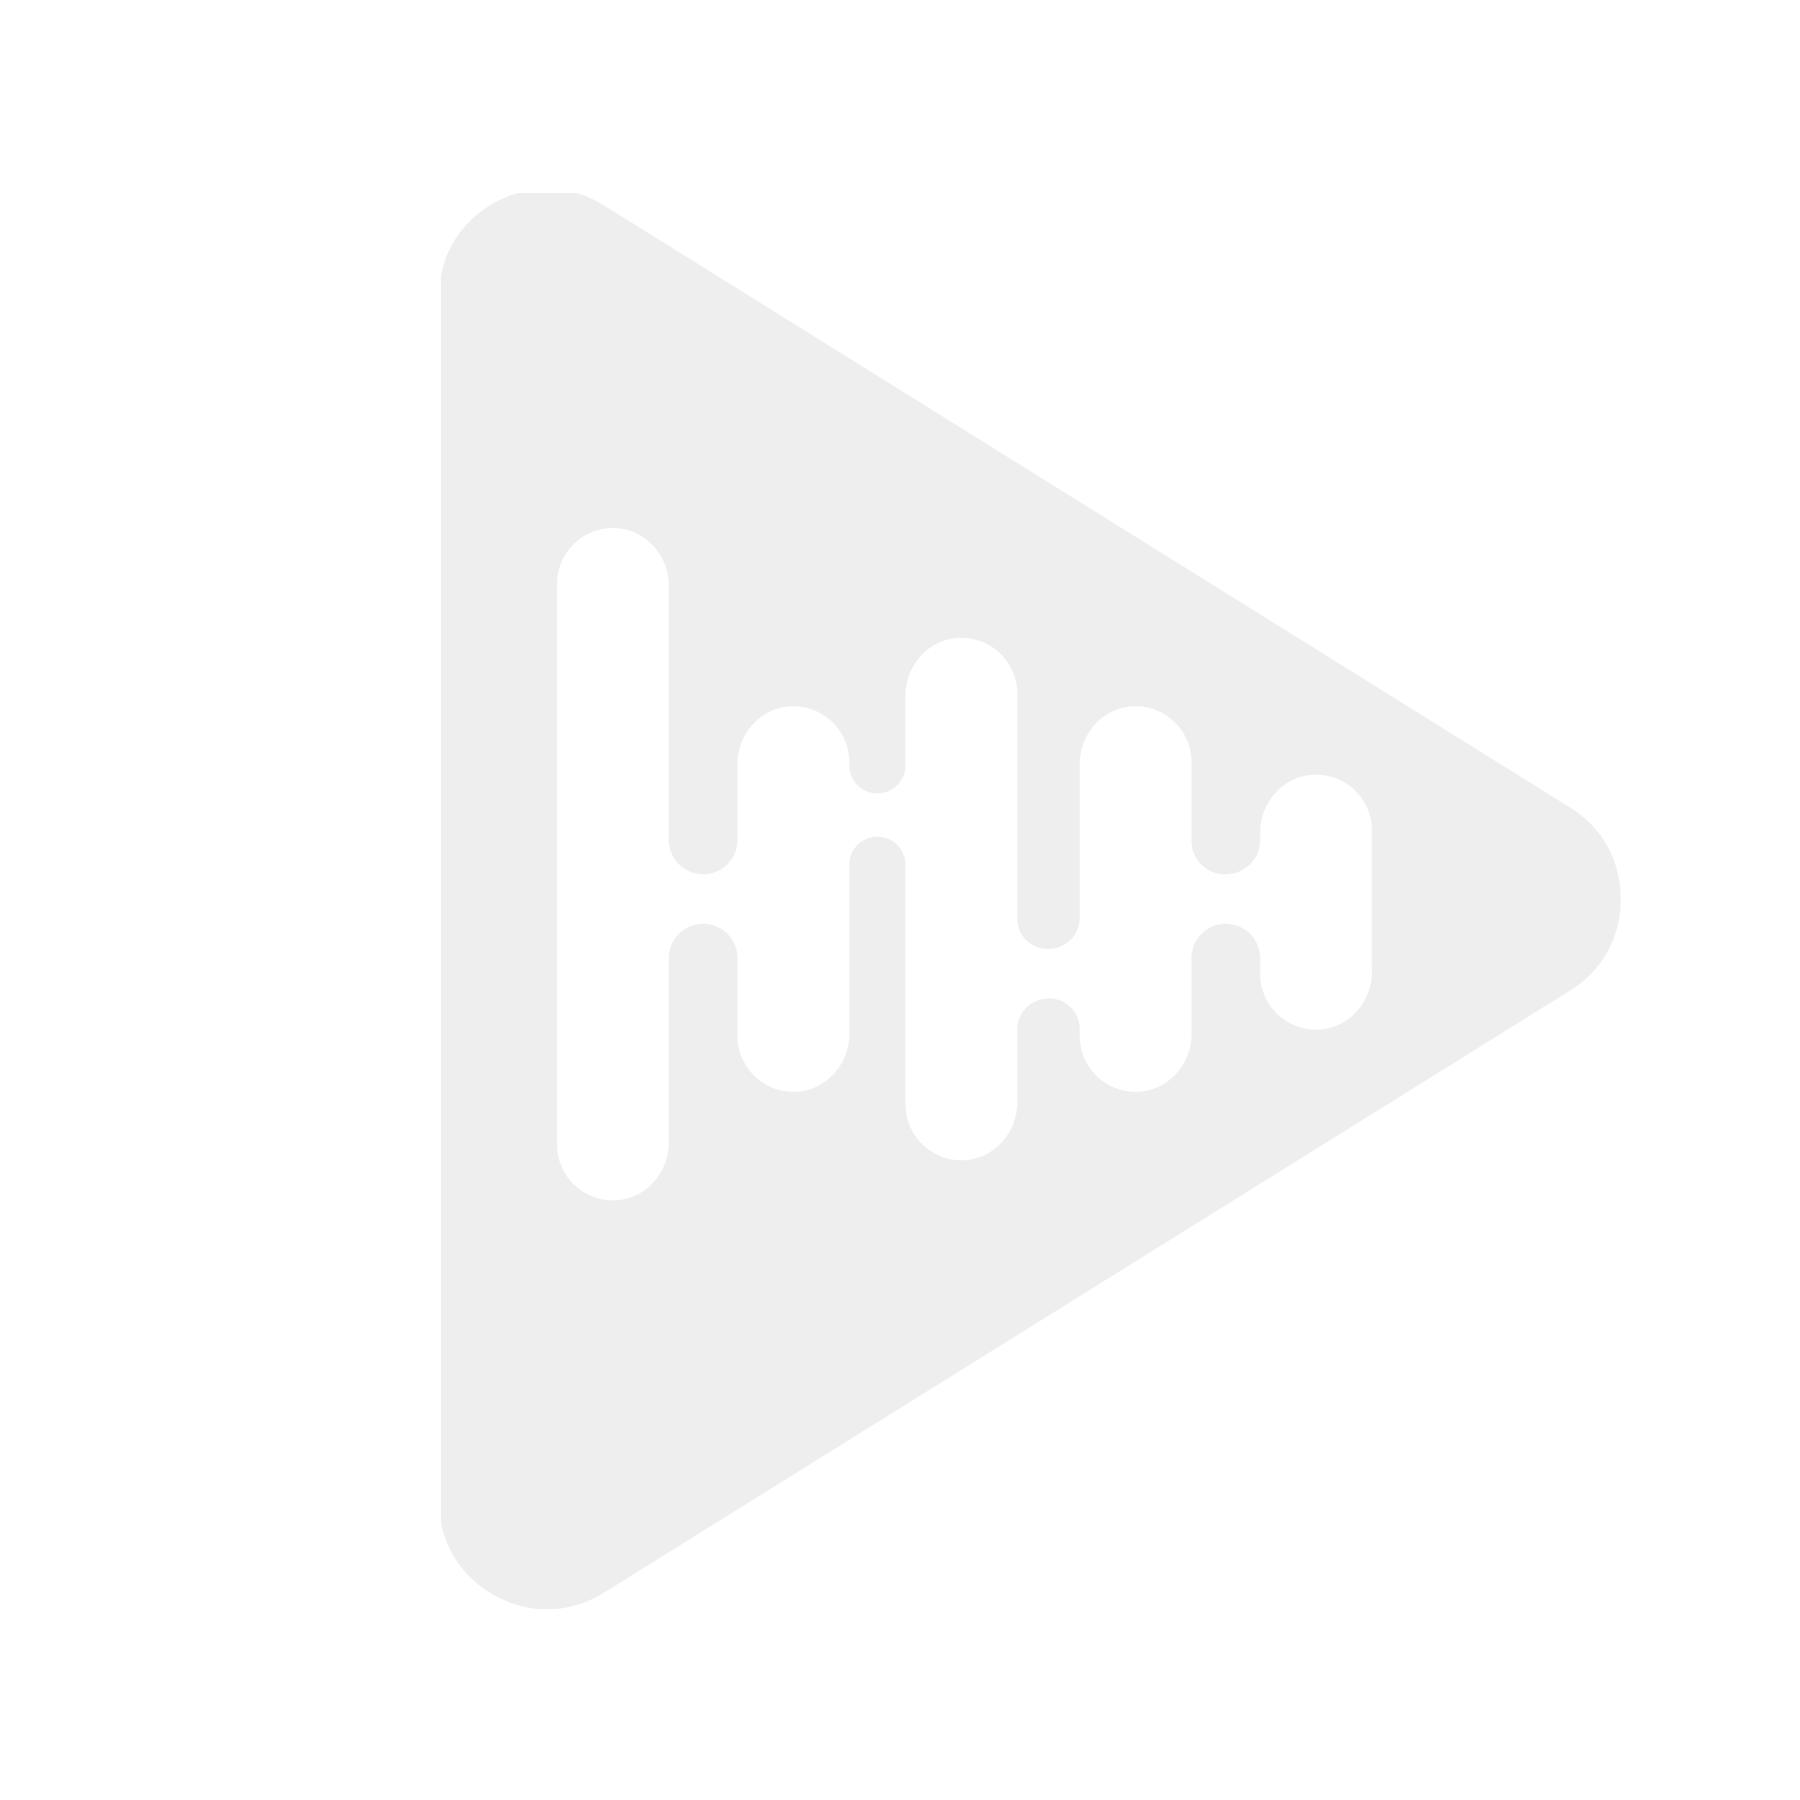 Hertz Mille Pro MP 250 D4.3